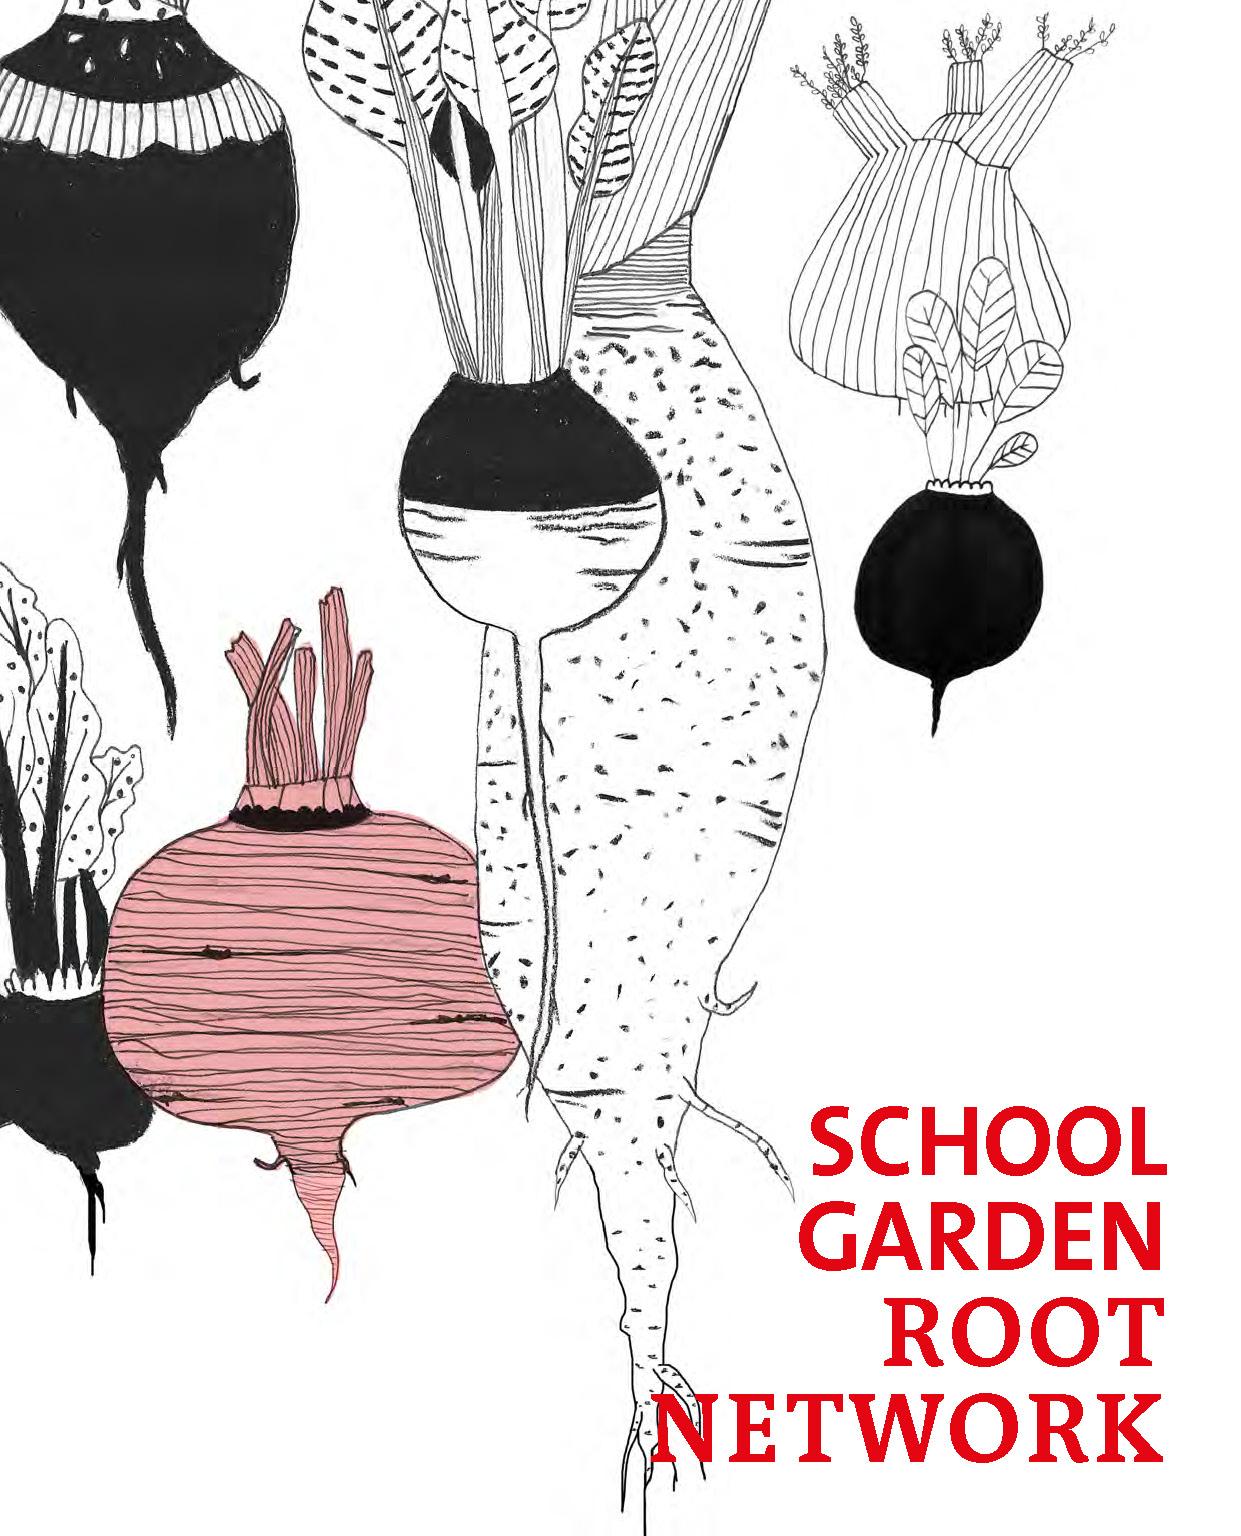 School Garden Root Network